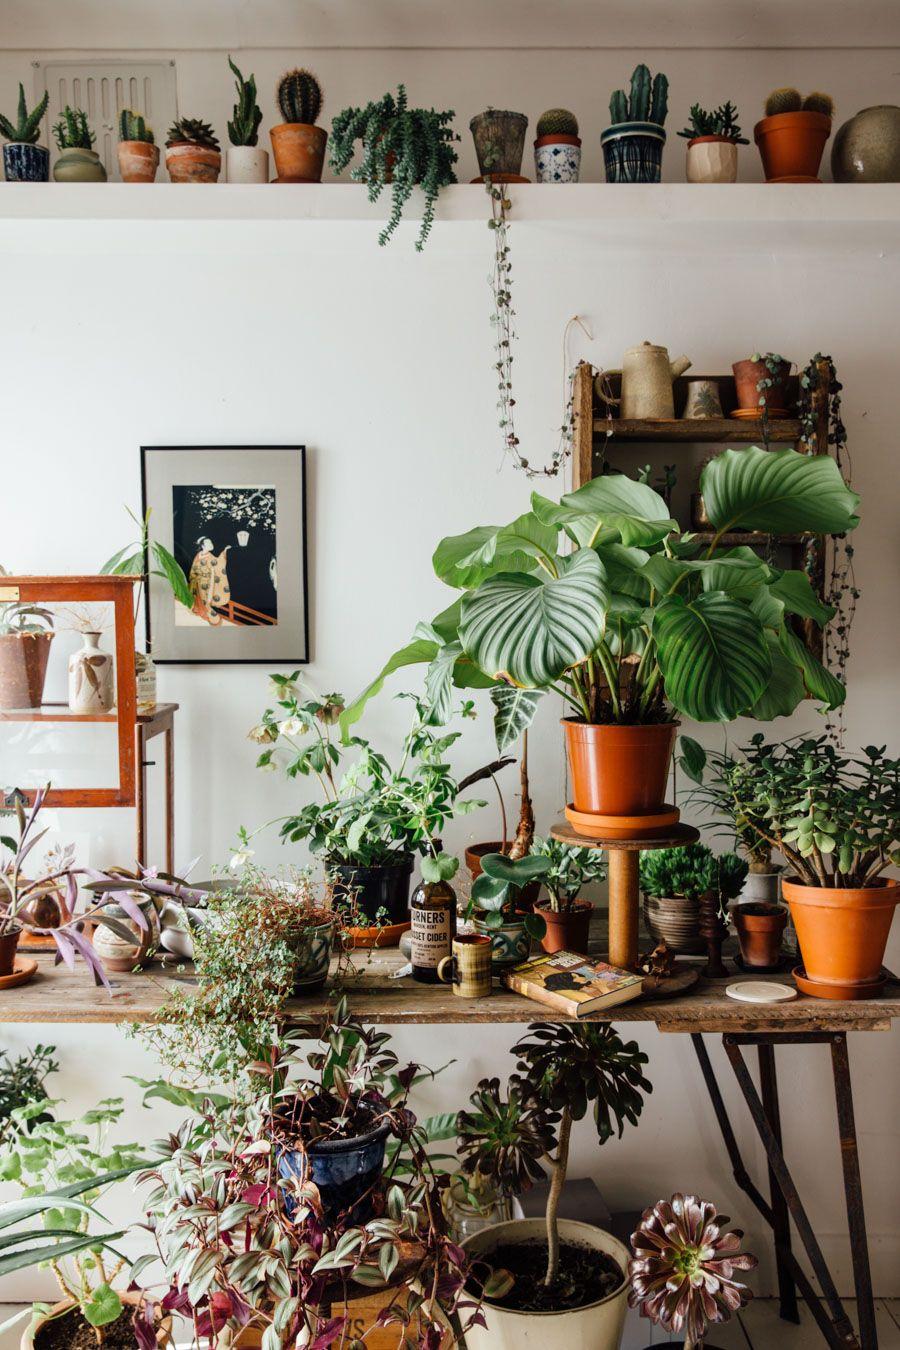 Deko, Surfhouse, Pflanzentöpfe, Zimmerpflanze, Finger, Regale, Bepflanzung, Trautes  Heim, Gemüse